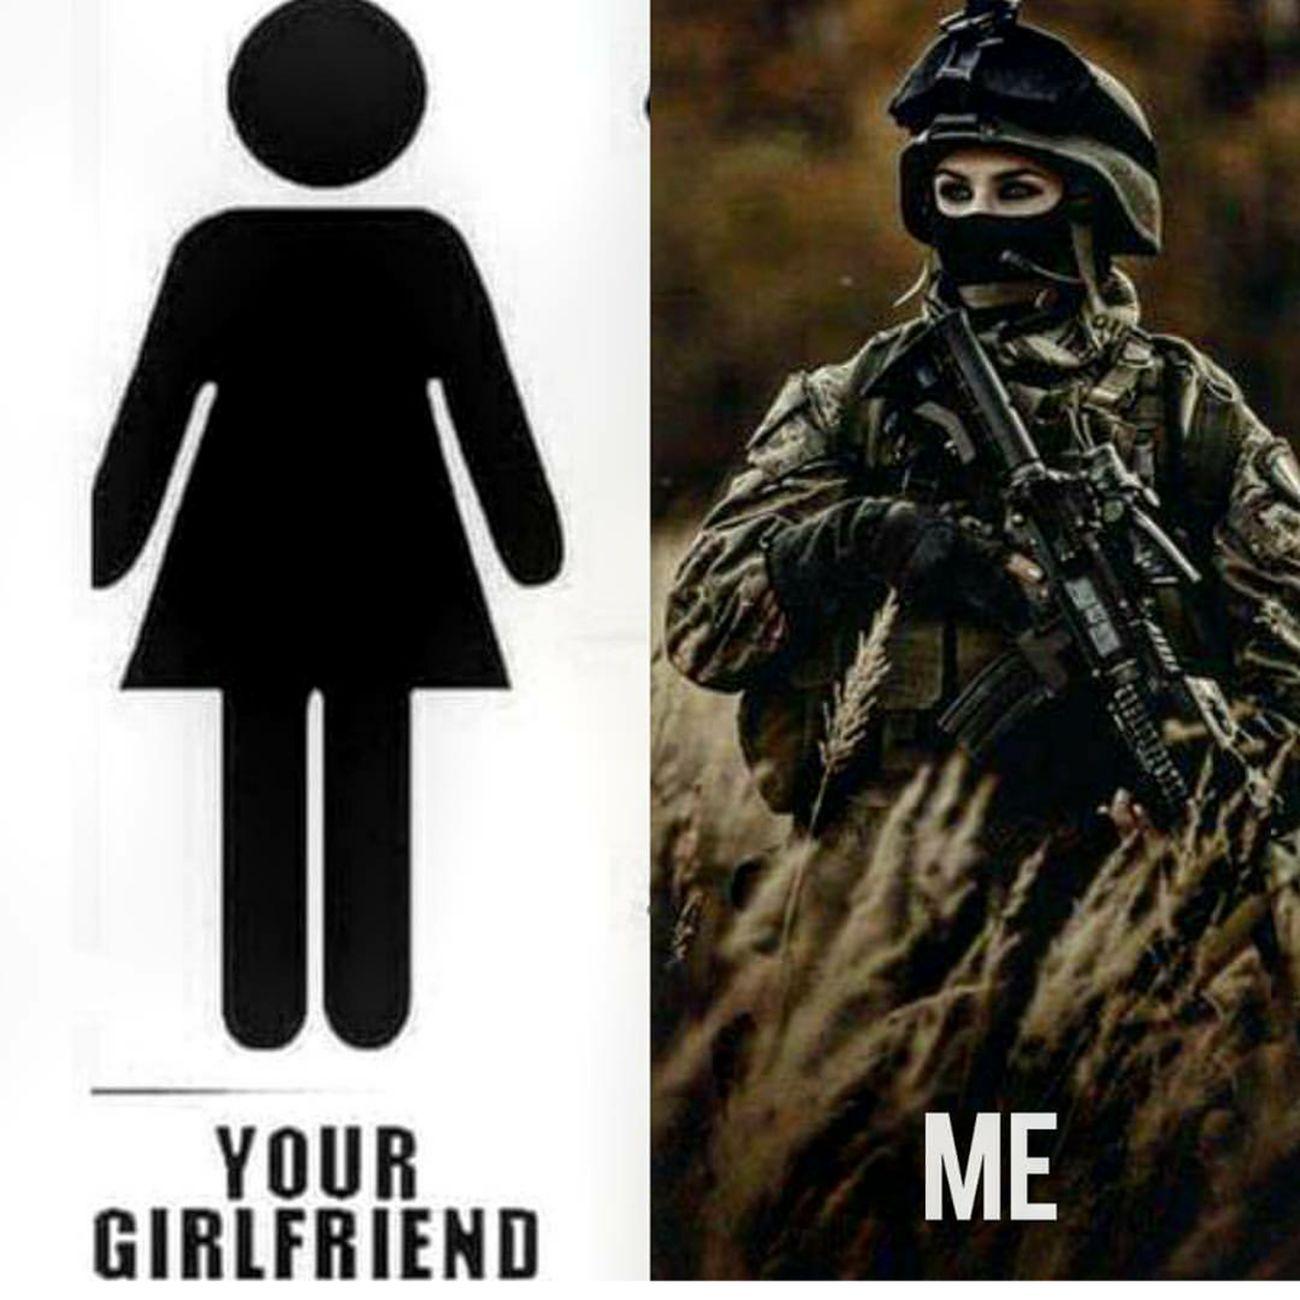 Me cop girlfriend 😉😉😉😂😂😂 Verylove Mywork Ineed Adrenaline Always LoveMyWork ❤❤❤❤❤❤❤❤❤❤❤❤❤❤❤❤❤❤❤ ThatsMe 😉😉😉😉